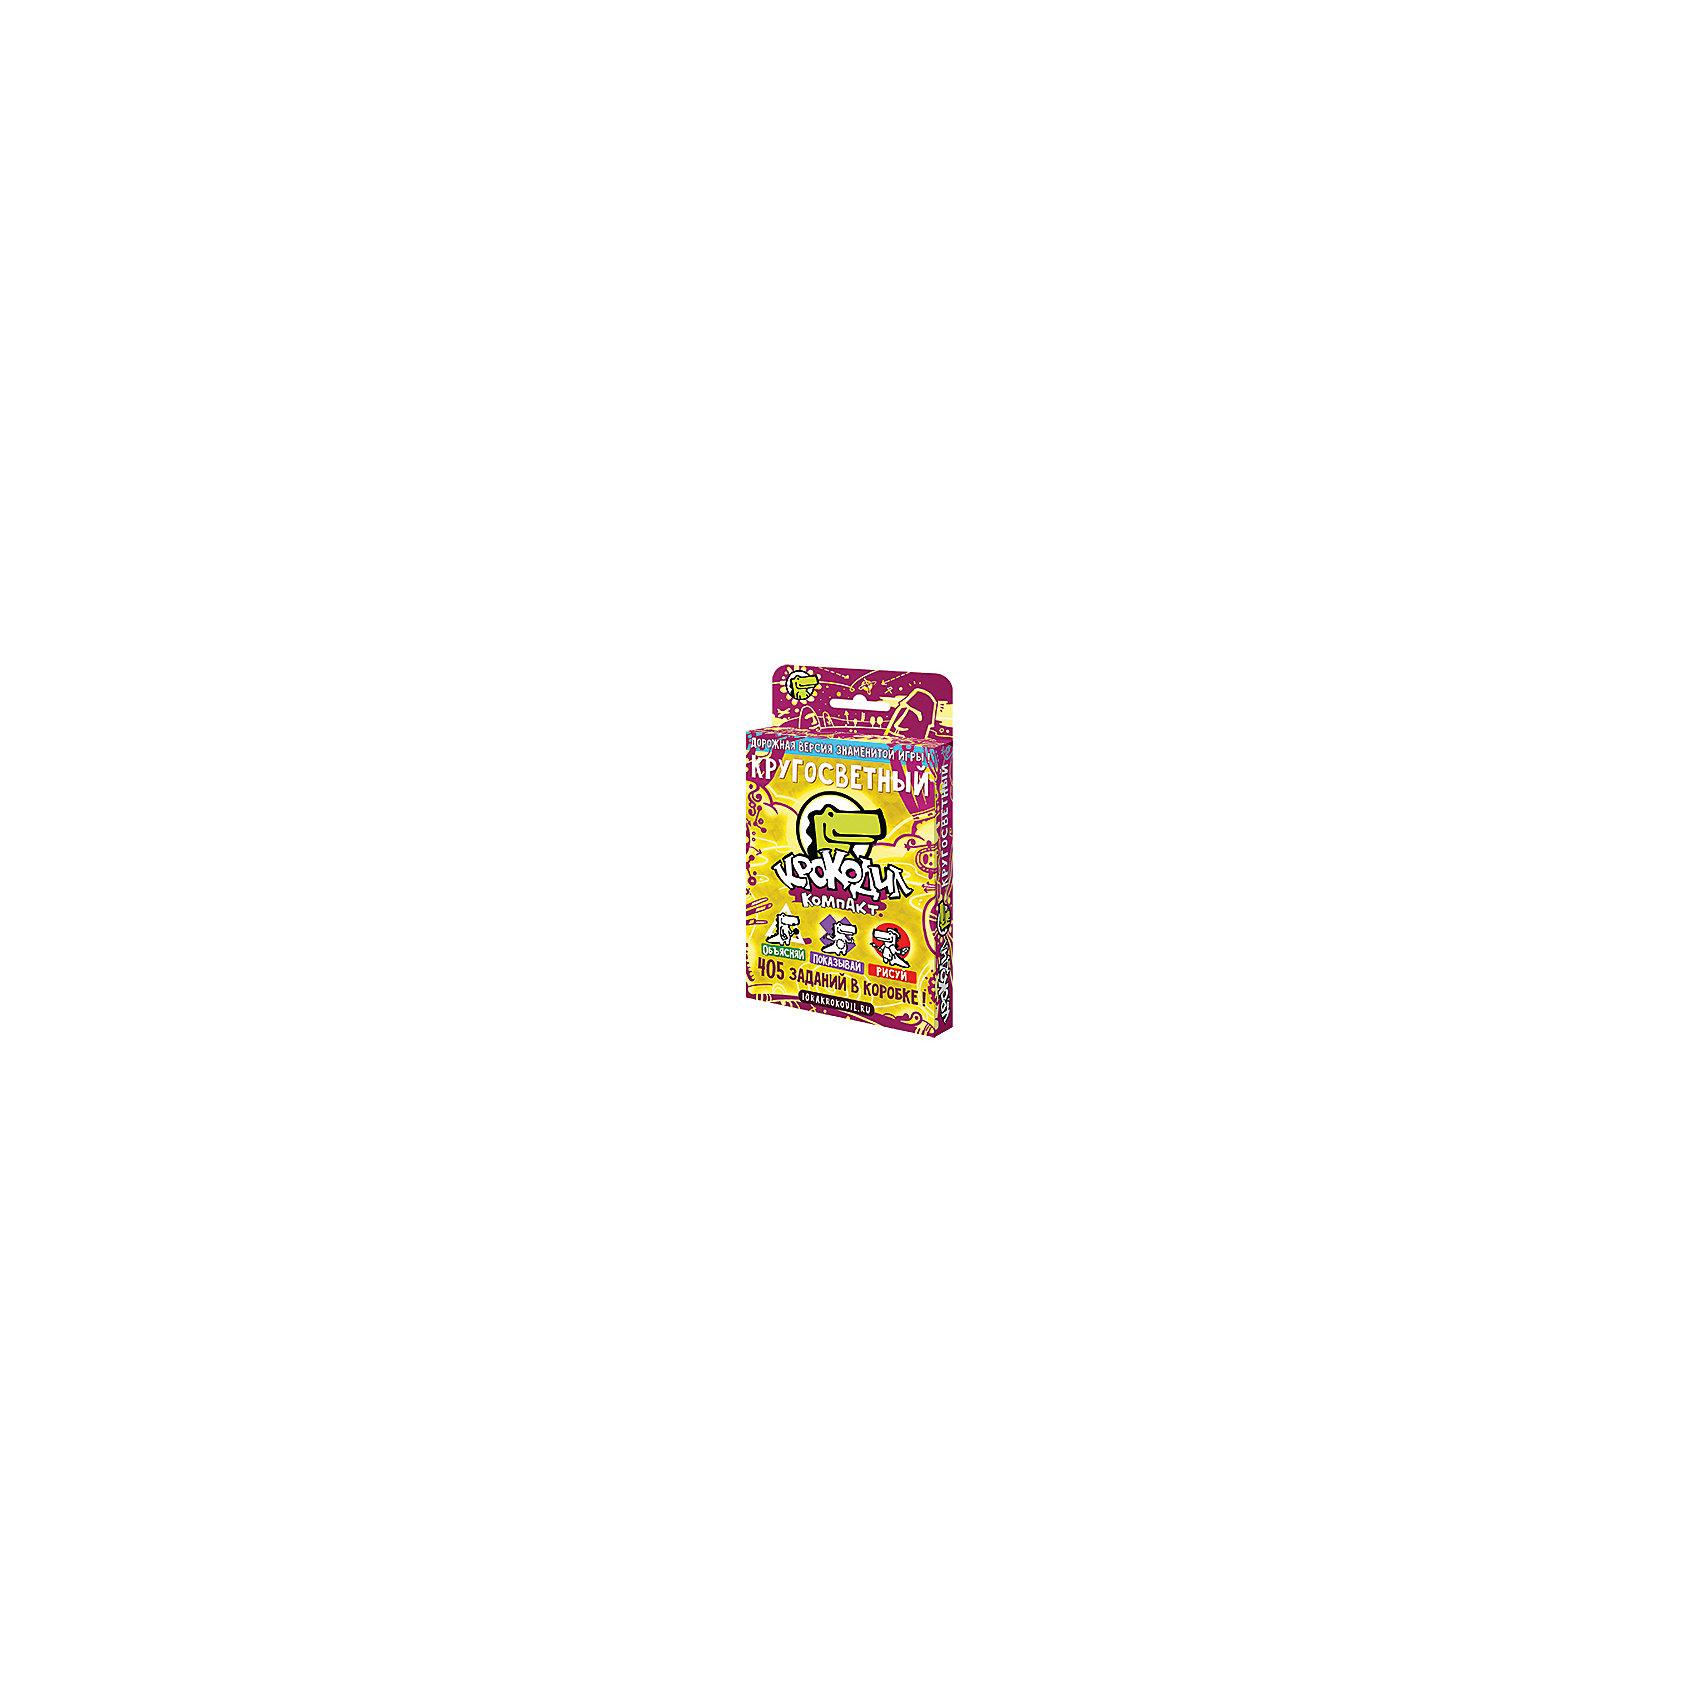 Настольная игра Крокодил Кругосветный, МагелланНастольные игры для всей семьи<br>Характеристики:<br><br>• возраст: от 18 лет<br>• комплектация: 81 карта с заданиями; 12 карт плюшек-ловушек, которые помогут упростить задание для своей команды или усложнить его для соперников; 5 карт финиша; правила.<br>• материал: картон<br>• количество игроков: от 4 до 16 человек<br>• время игры: 30-45 минут<br>• упаковка: картонная коробка<br>• размер упаковки: 16х9,5х2 см.<br>• вес: 170 гр.<br><br>Специальное тематическое издание Крокодила в «дорожном» формате. Игру можно взять с собой куда угодно - в поезд, в автобус, на дачу.<br><br>В комплект входит плотные карточки с 405 различными заданиями трех видов: «объясни», «покажи» и «нарисуй». Игроки делятся на команды и выполняют задания согласно поставленной задаче. Карту с заданием видит команда противников, а объяснять его нужно своей команде. У каждого игрока есть минута, а уж сколько карт он «отработает» за это время, зависит от его таланта и взаимопонимания в команде. Можно облегчить свои объяснения специальными плюшками или усложнить задачу противника хитрыми ловушками.<br><br>Все слова и словосочетания в кругосветном Крокодиле тематические: есть и достопримечательности, и еда, и любимые занятия в путешествии. Игра развивает воображение, учит работать в команде, креативно и логически мыслить.<br><br>Настольную игру Крокодил Кругосветный, Магеллан можно купить в нашем интернет-магазине.<br><br>Ширина мм: 150<br>Глубина мм: 95<br>Высота мм: 20<br>Вес г: 170<br>Возраст от месяцев: 216<br>Возраст до месяцев: 2147483647<br>Пол: Унисекс<br>Возраст: Детский<br>SKU: 7036645